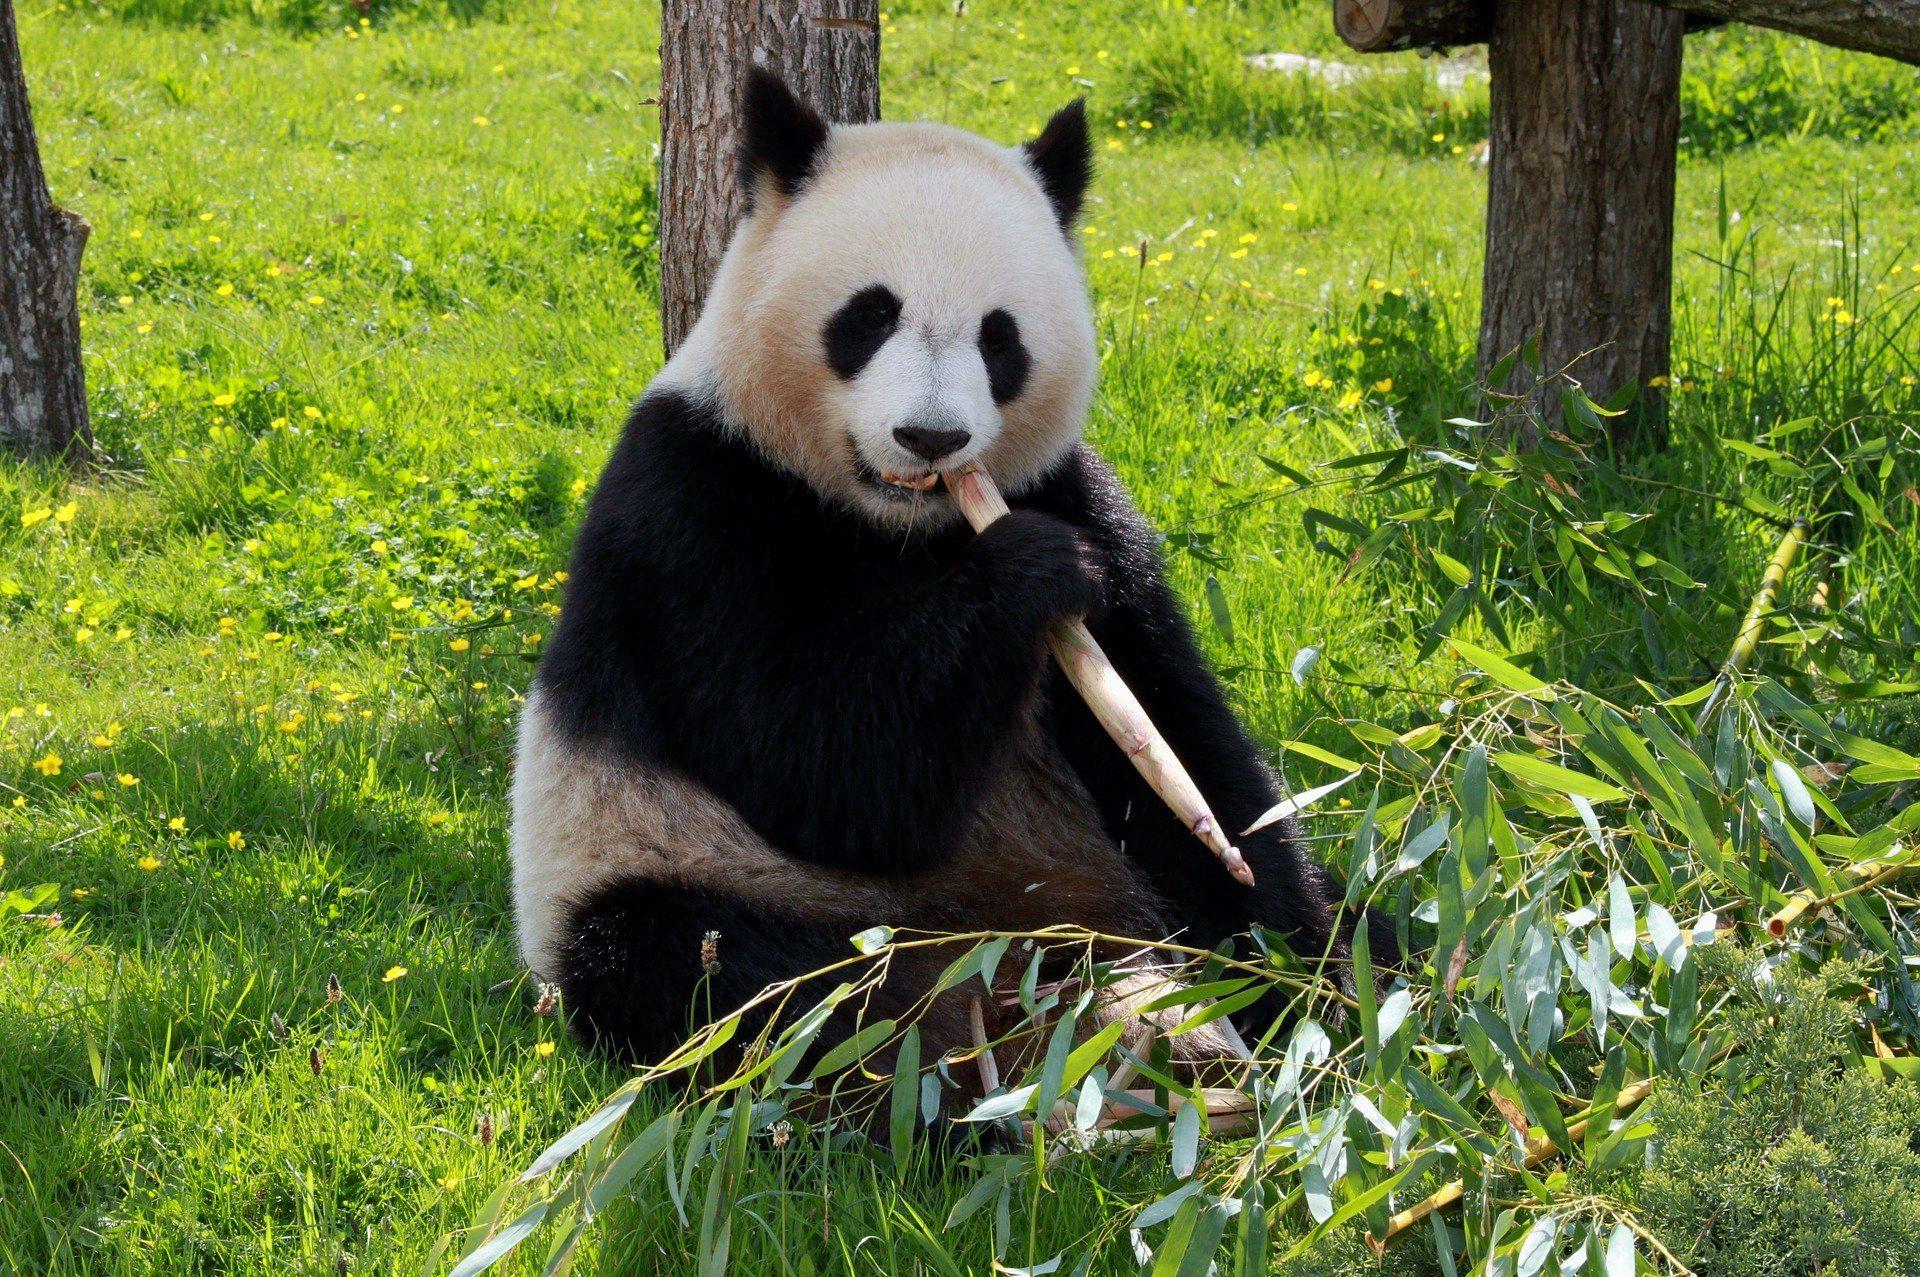 Скачать фото и картинки смешных и милых панд